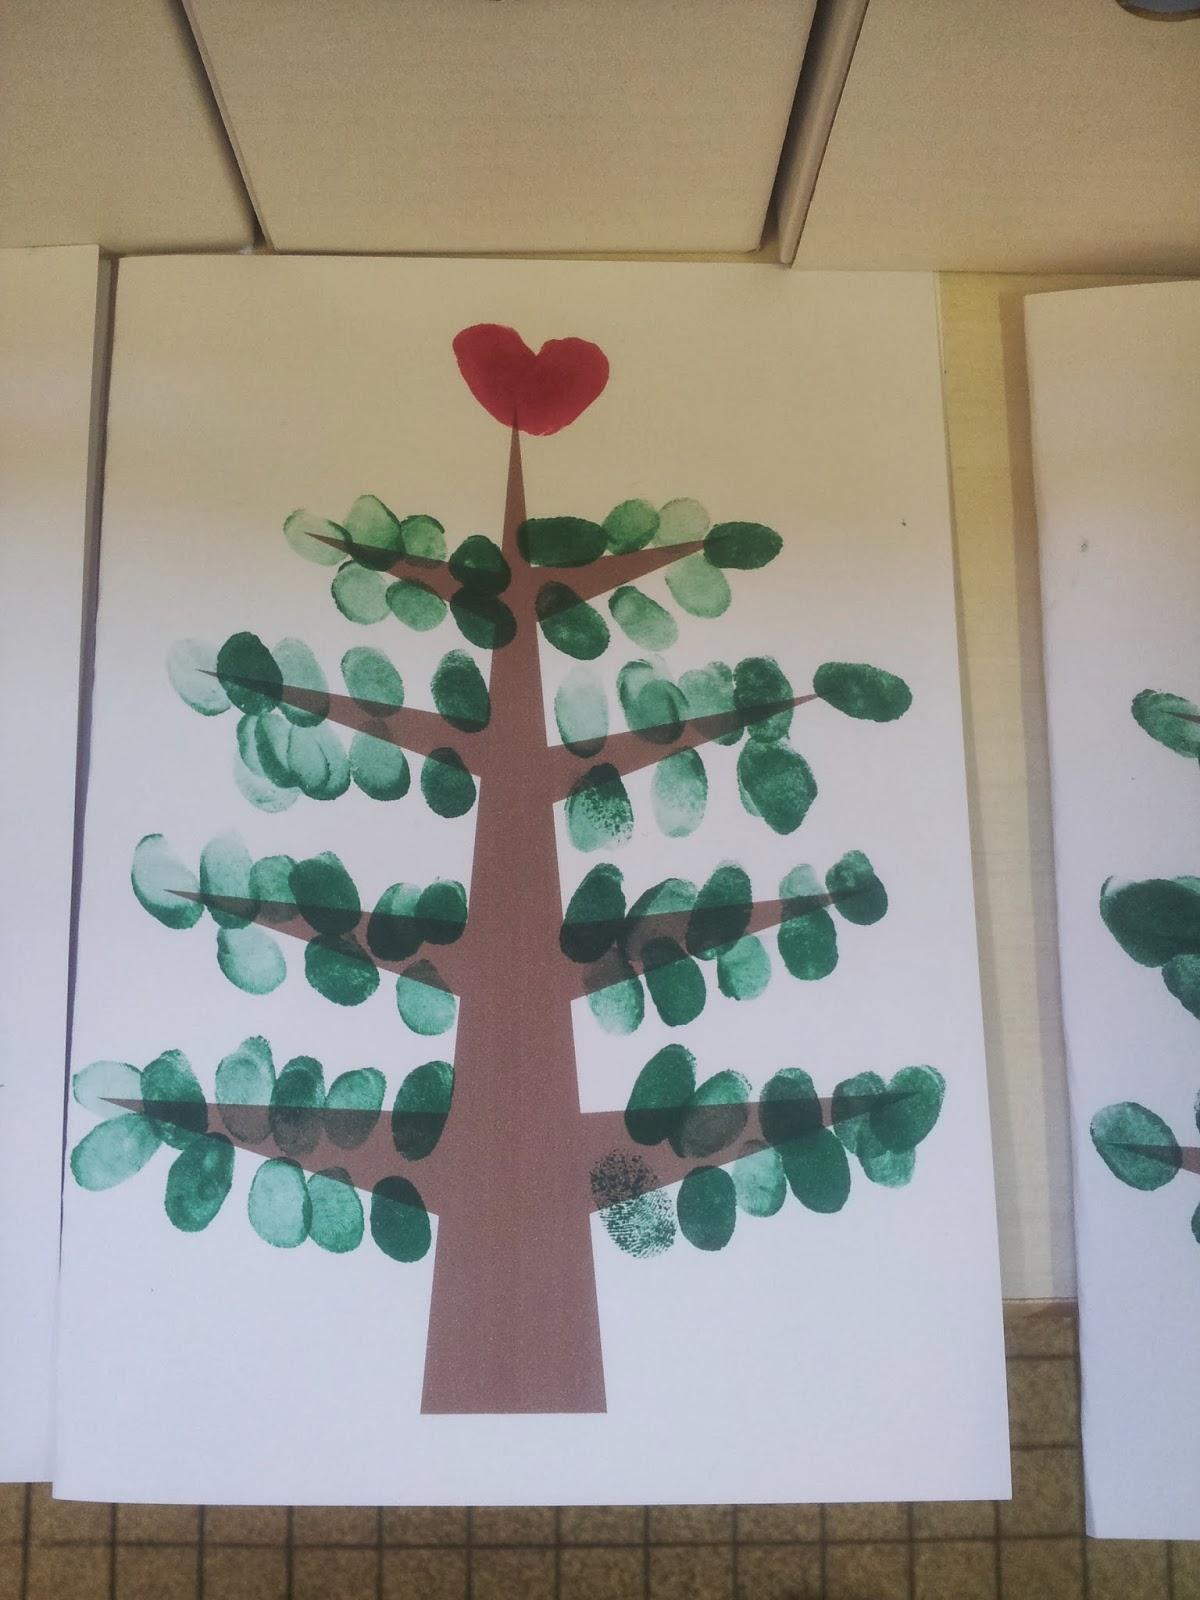 #407067 La Maternelle De Laurène: Carte De Noël 5411 décorations de noel en maternelle 1200x1600 px @ aertt.com